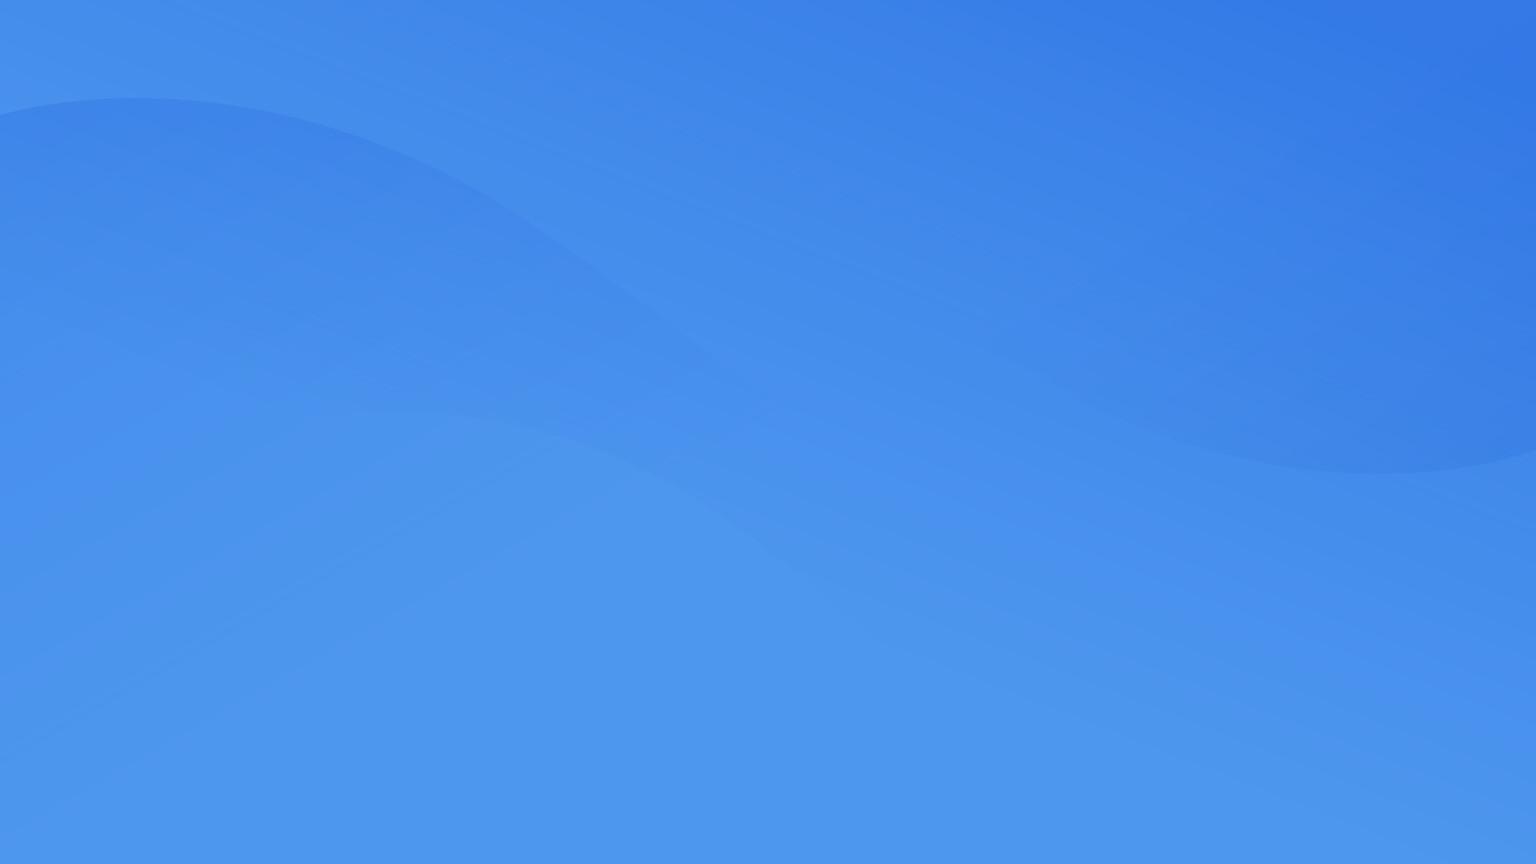 BlankWaves in Blue